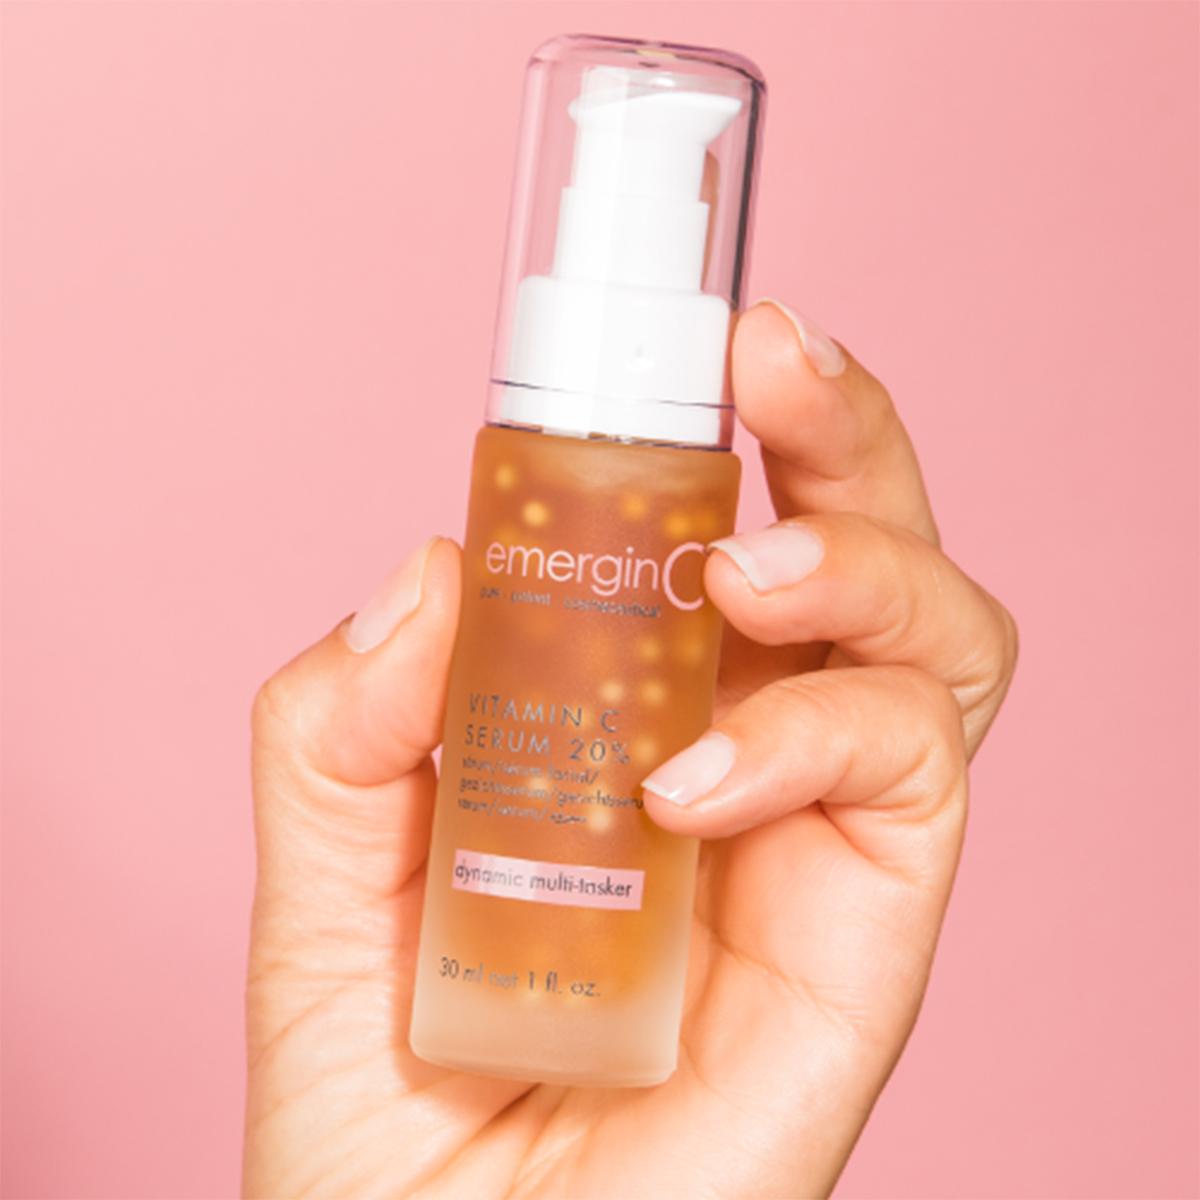 a bottle of emerginc serum